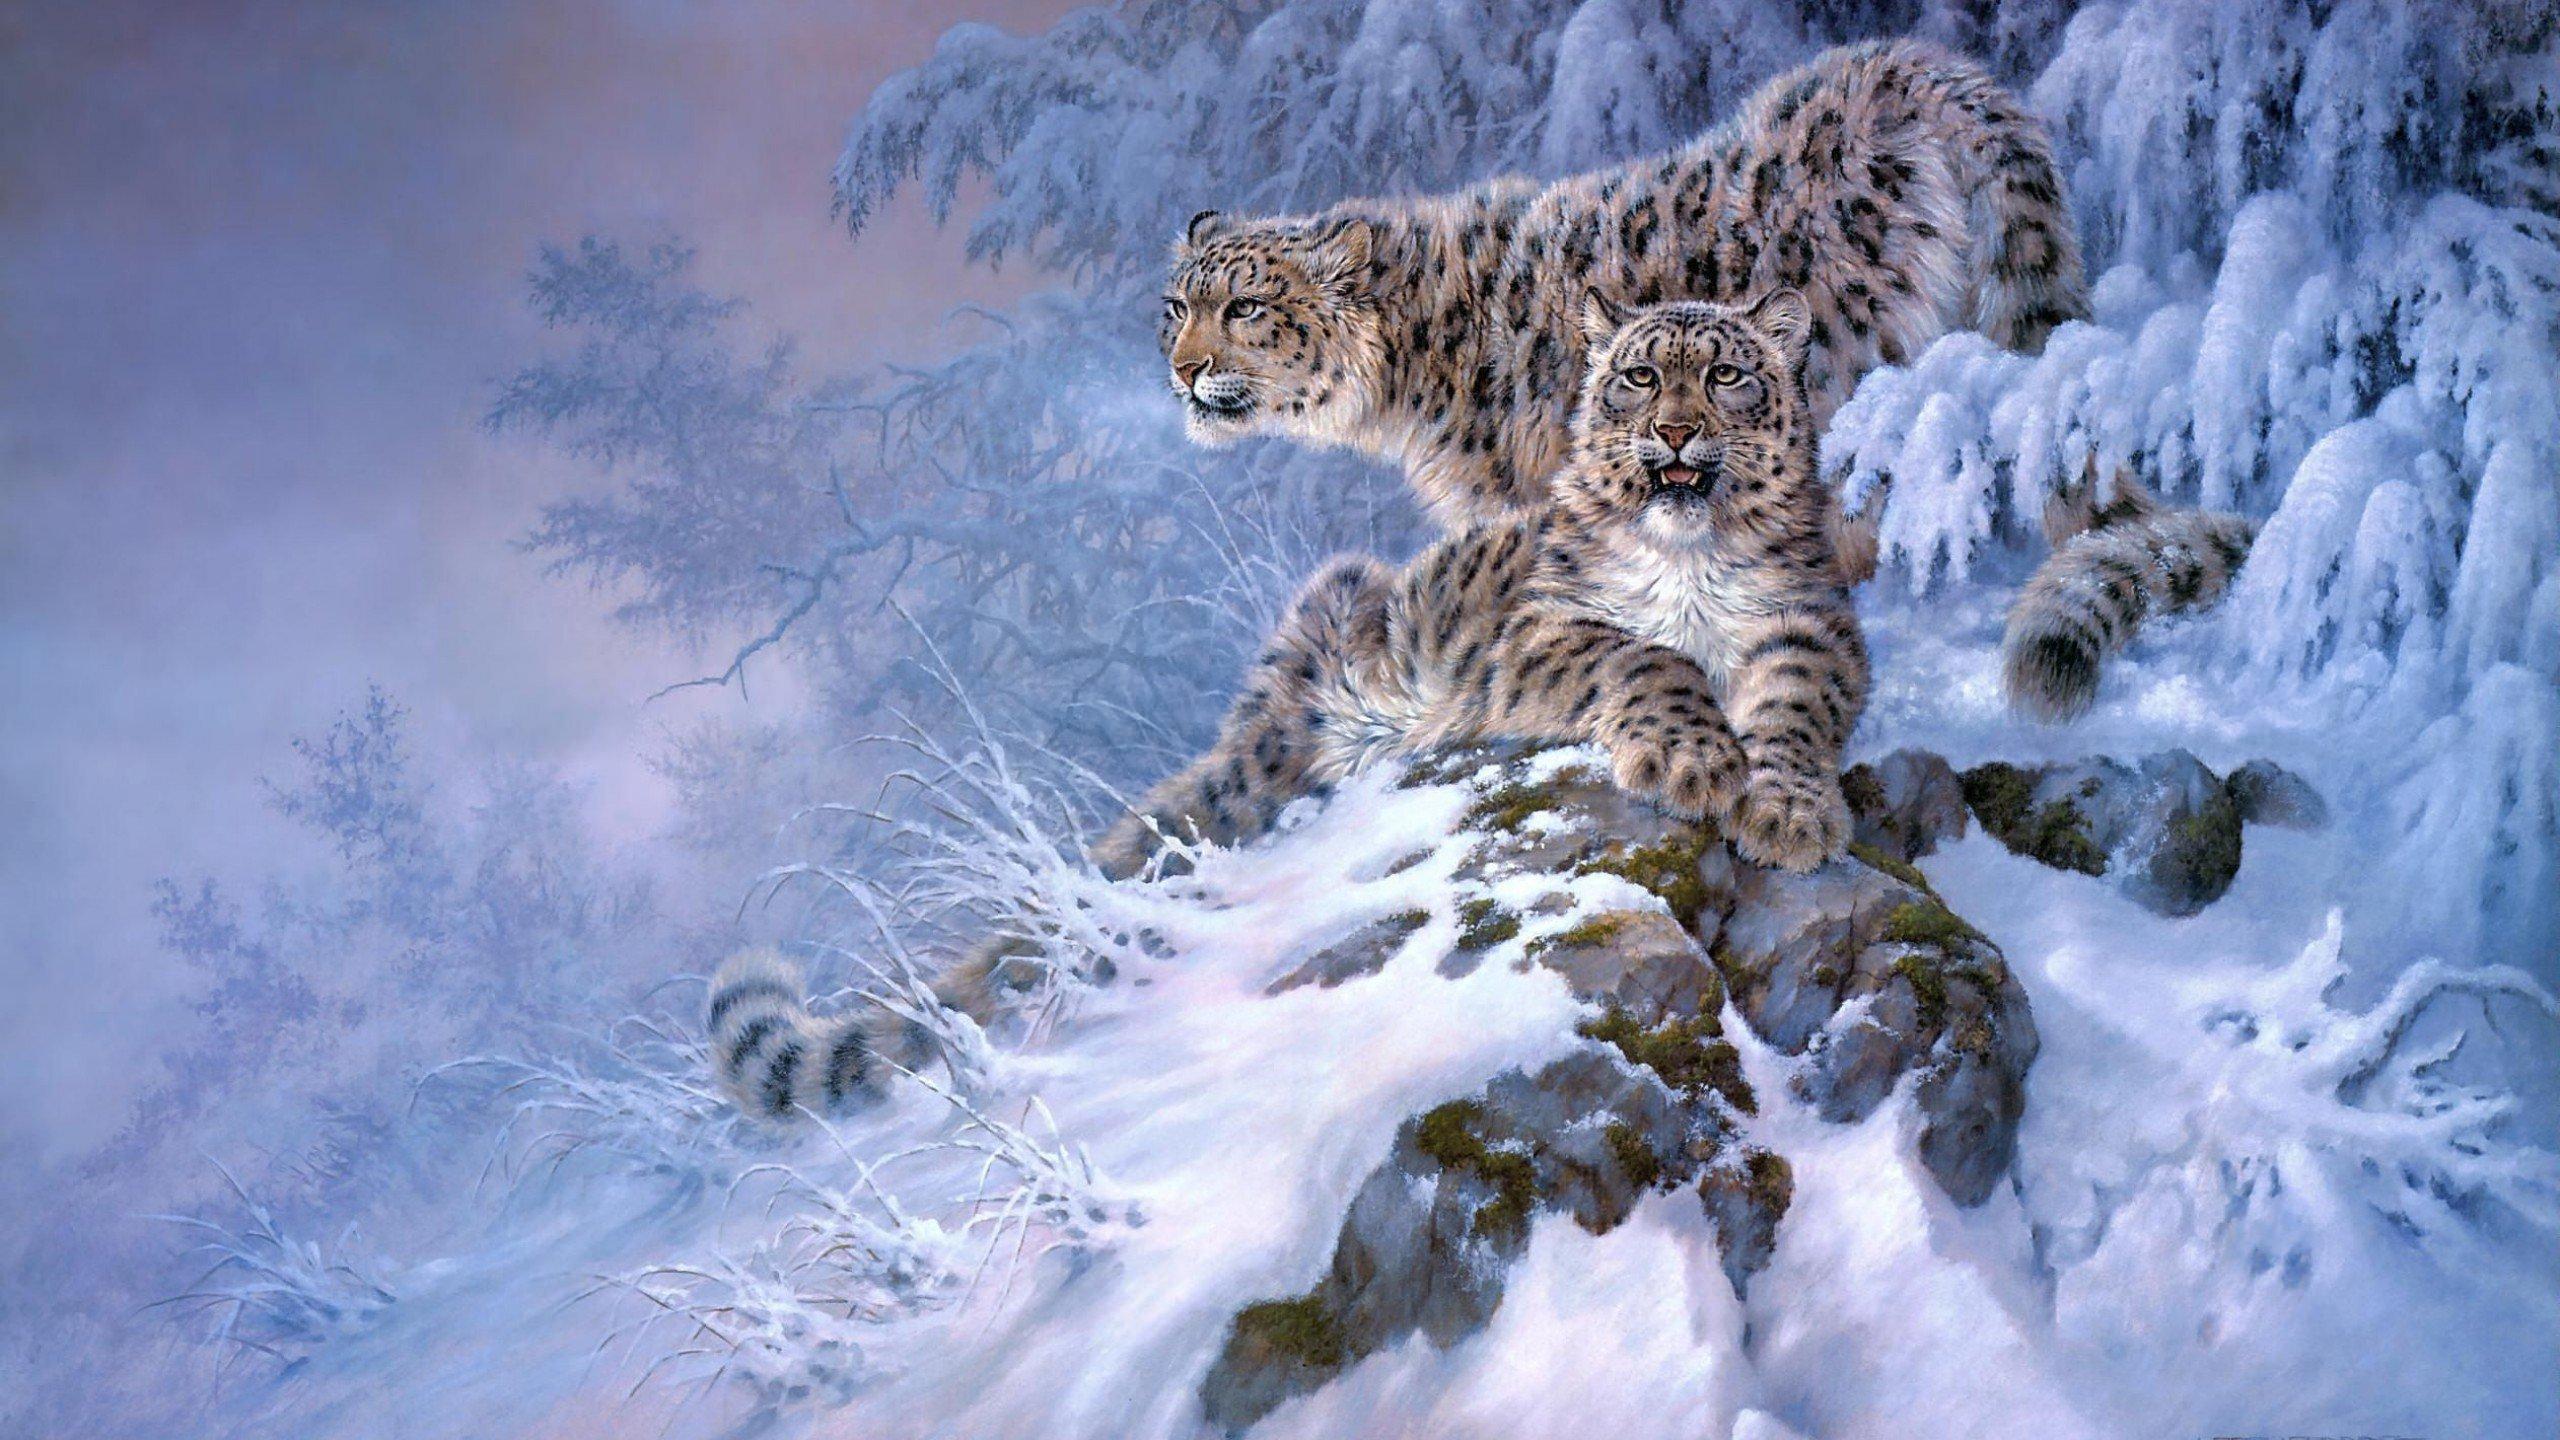 Winter Snow Nature Landscape Leopard Art Artwork Cat